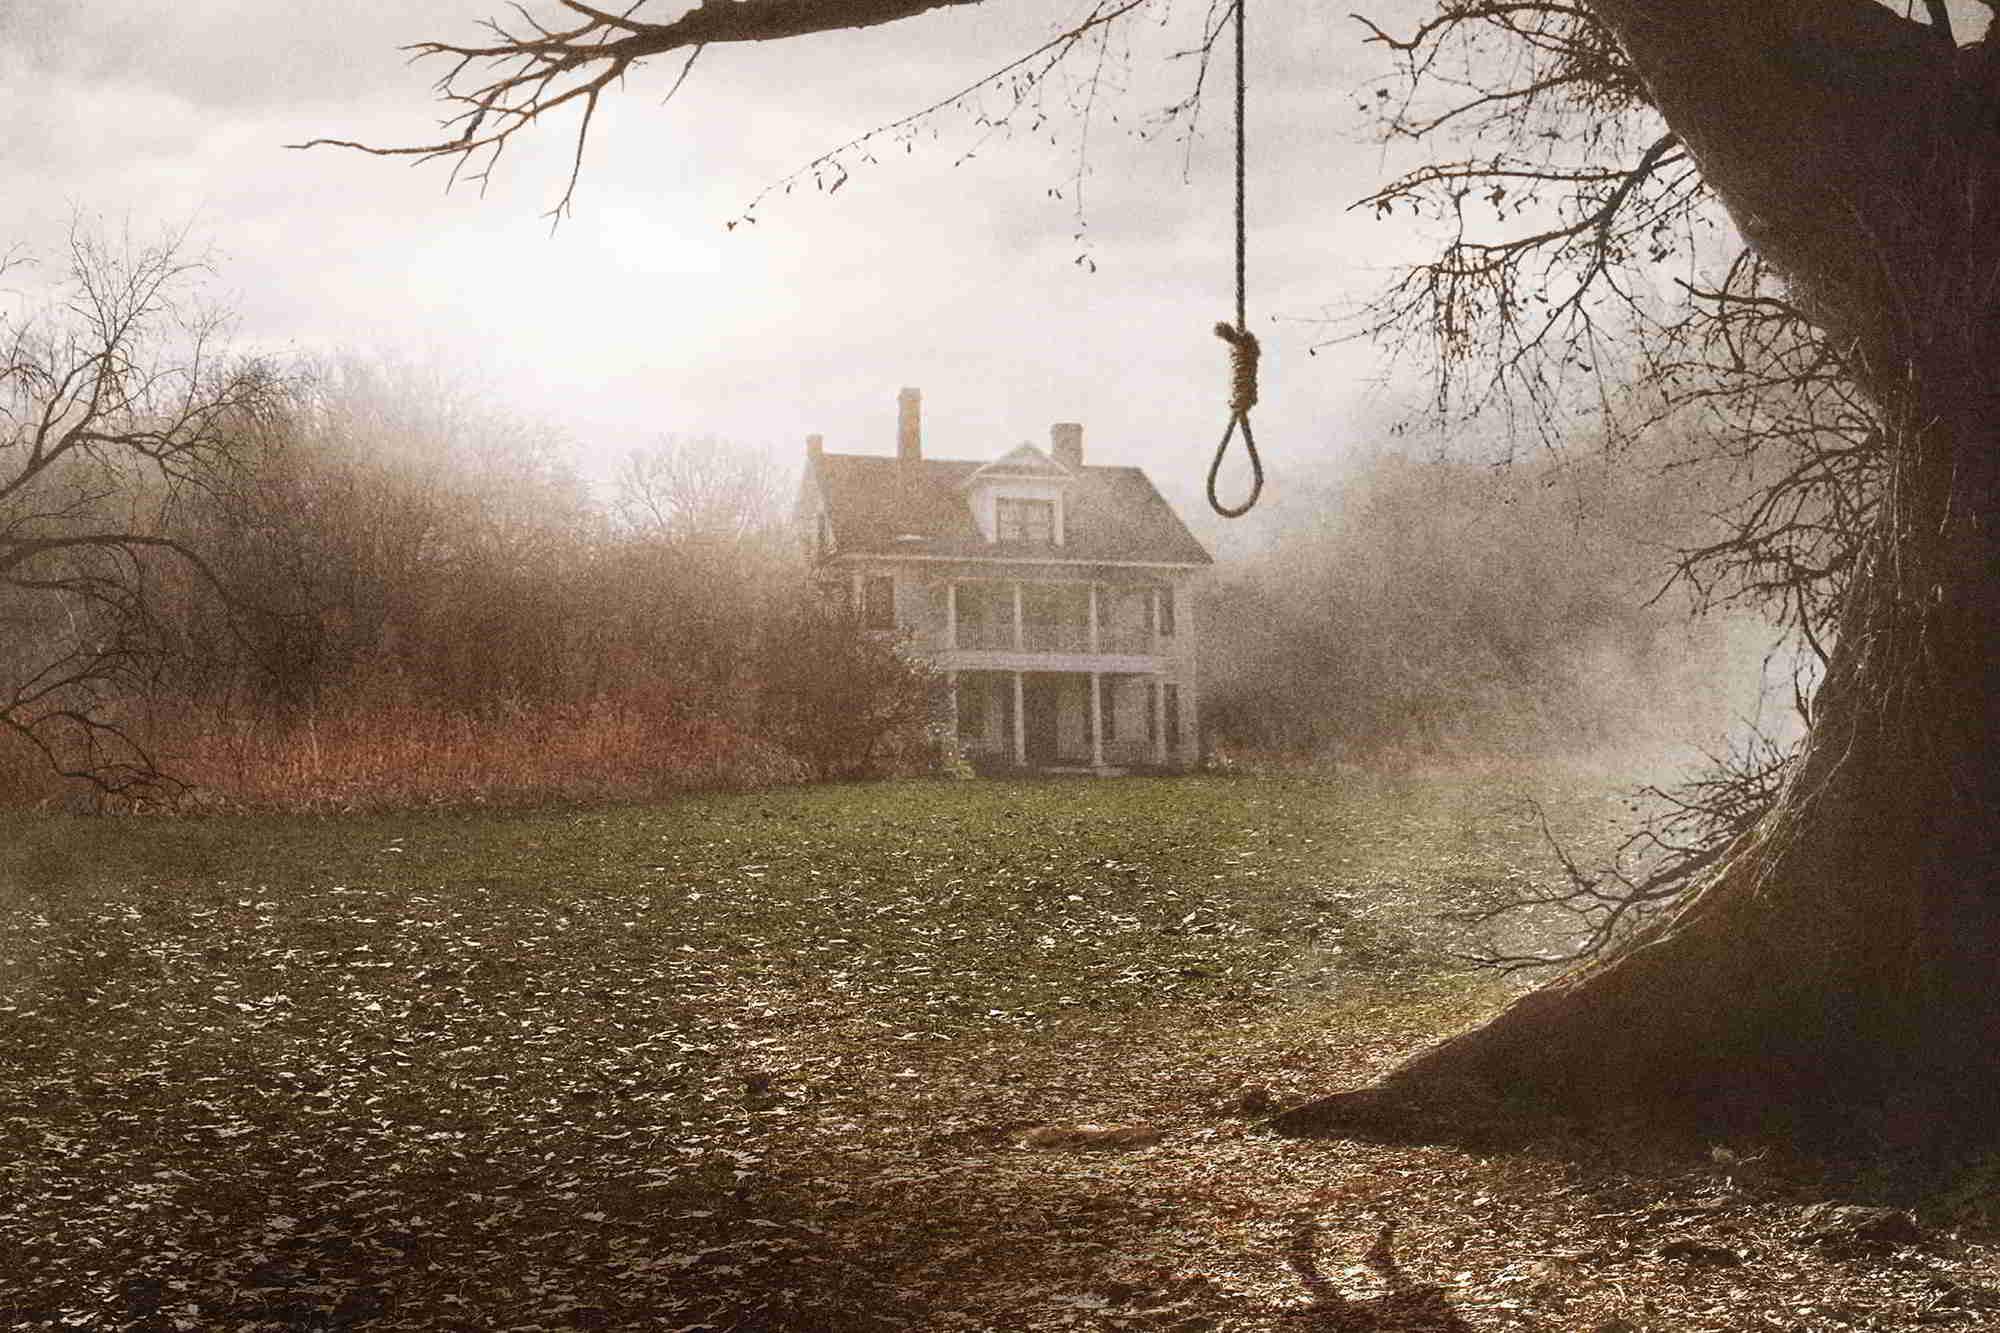 Venduta la casa di The Conjuring, ma è ancora infestata